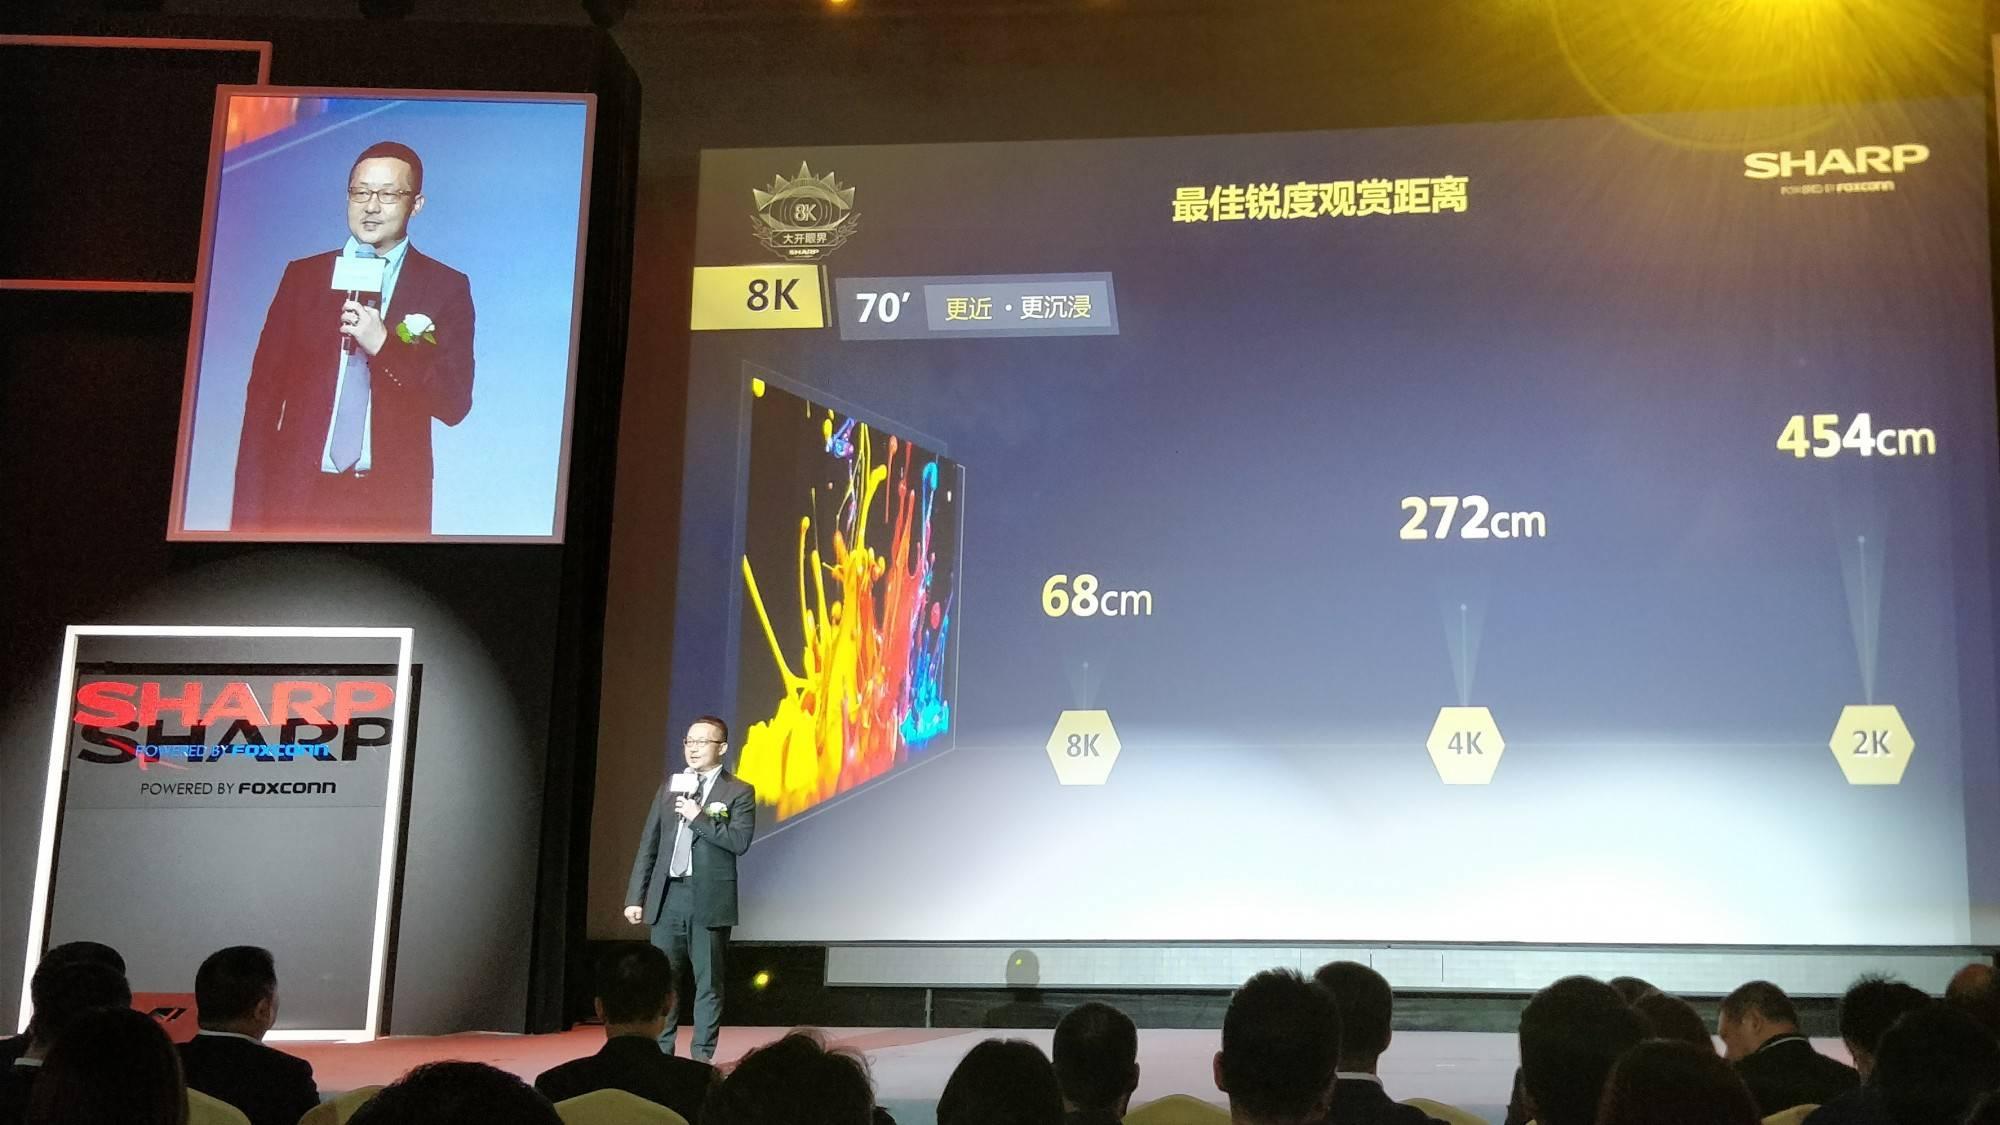 富士康集团行销长袁学智介绍夏普 8K 电视新品。